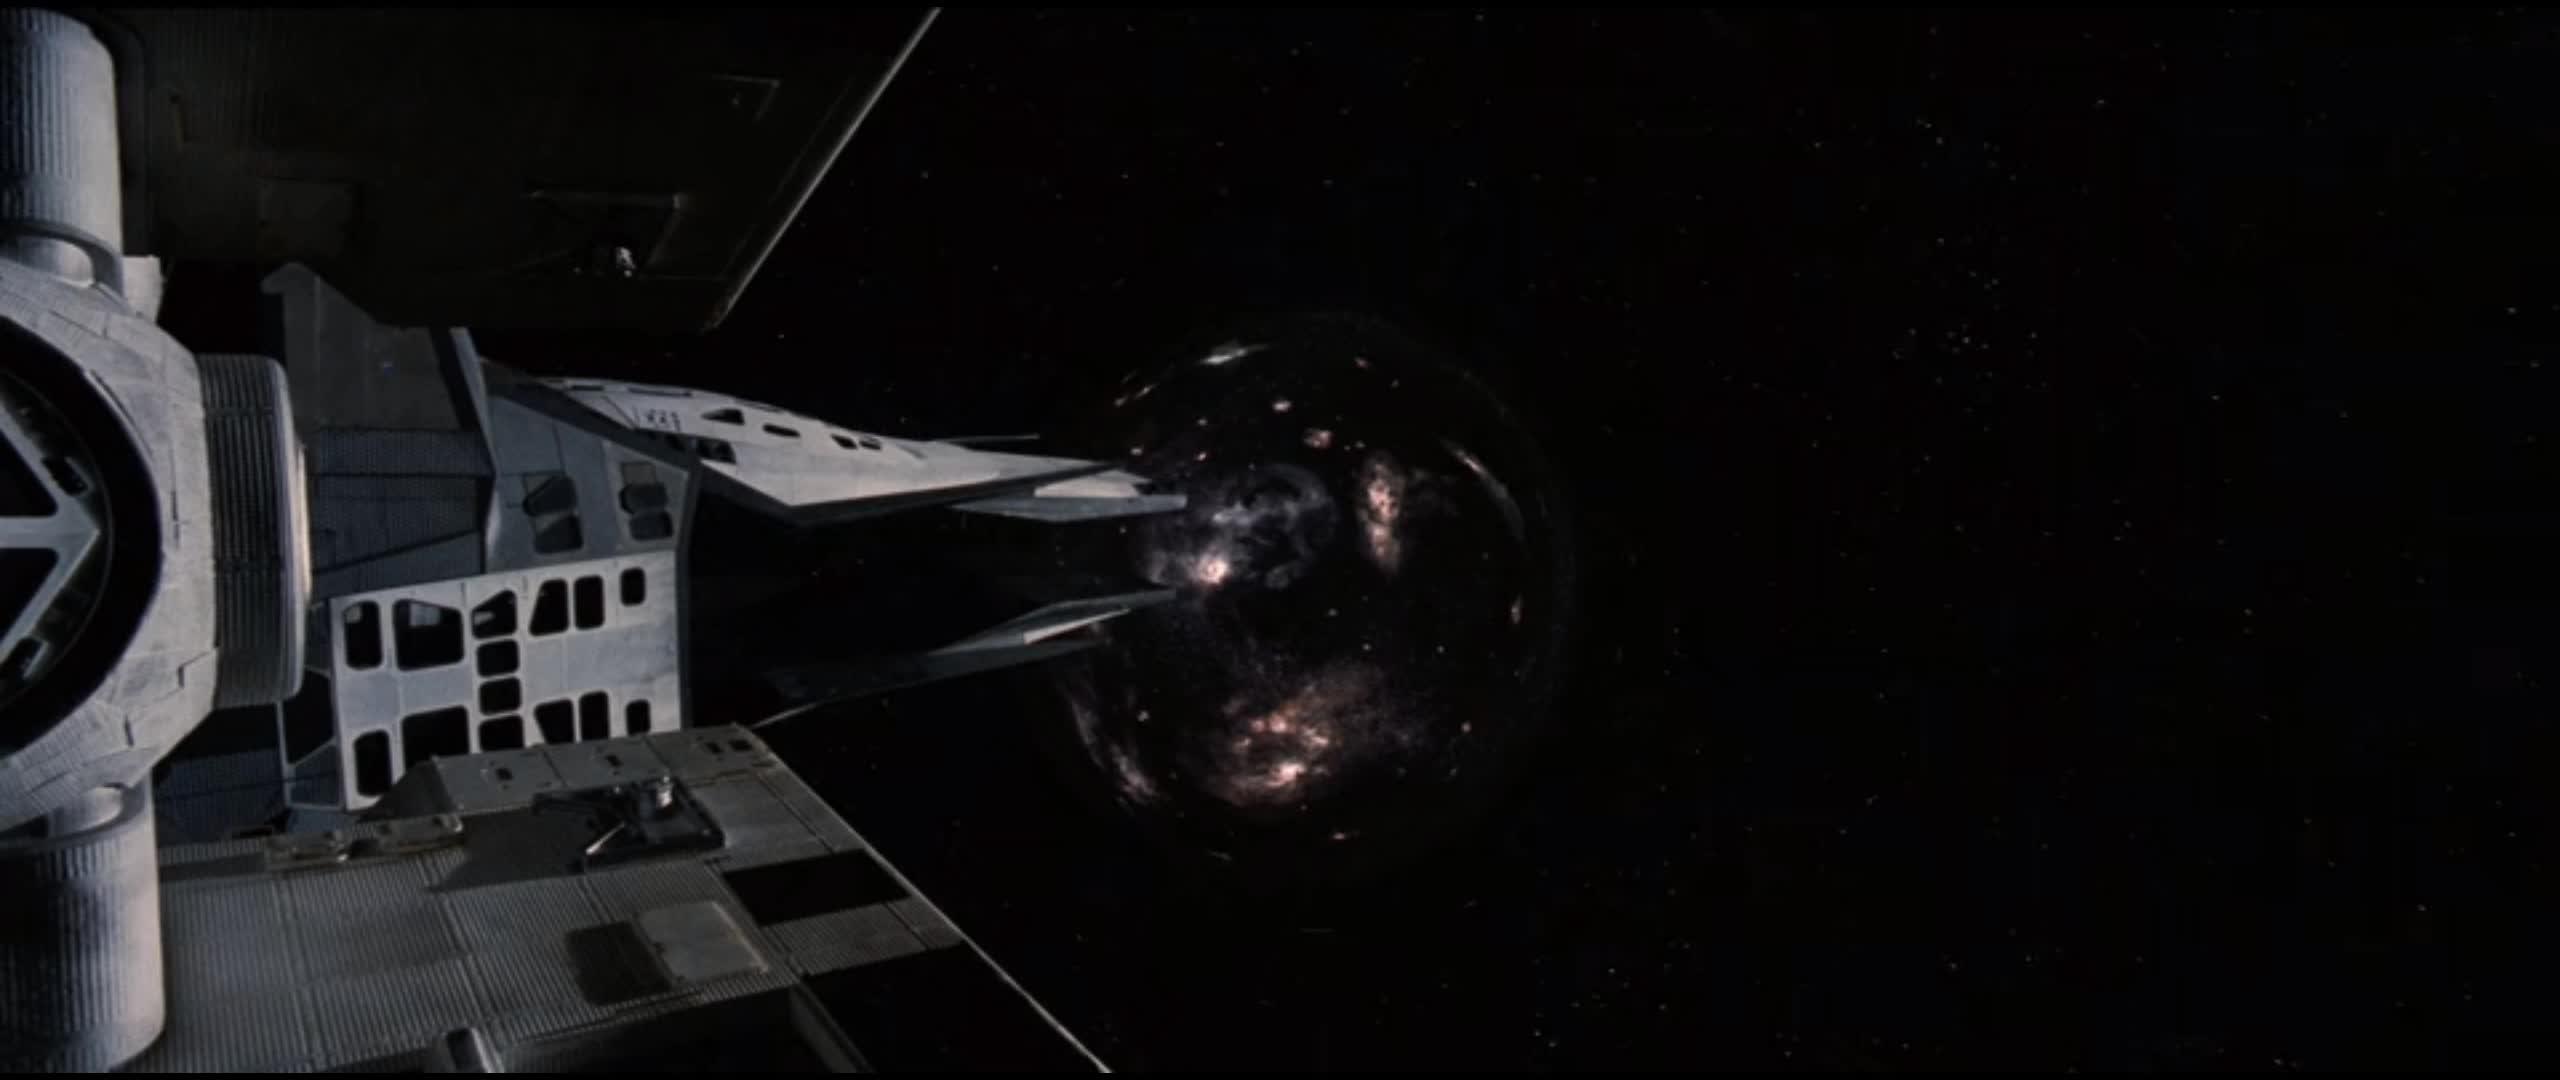 interstellar, space, spaceship, wormhole, Interstellar - Wormhole GIFs